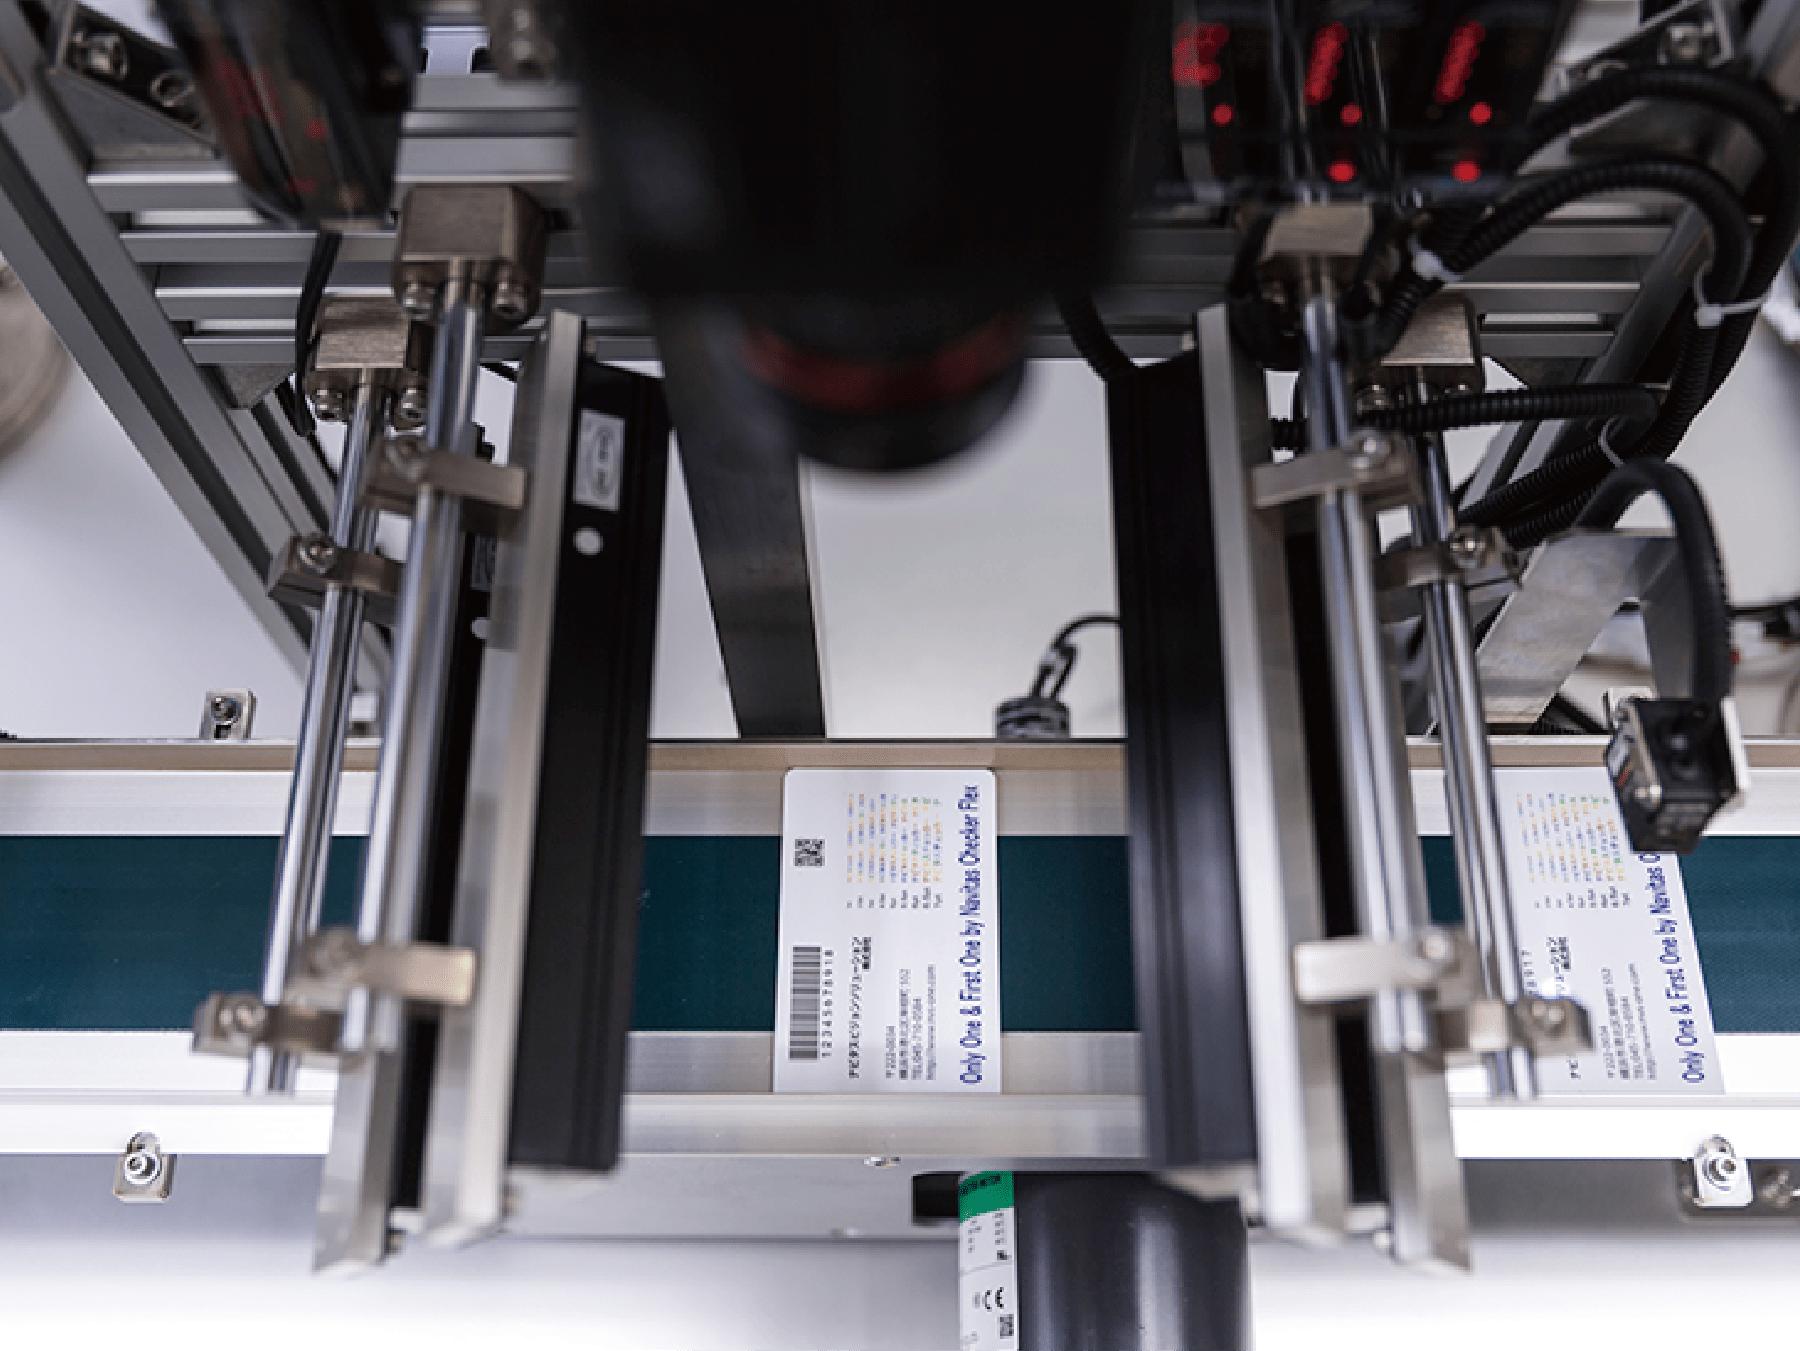 固定印刷検査と可変印刷検査の同時実行が可能なカード検査